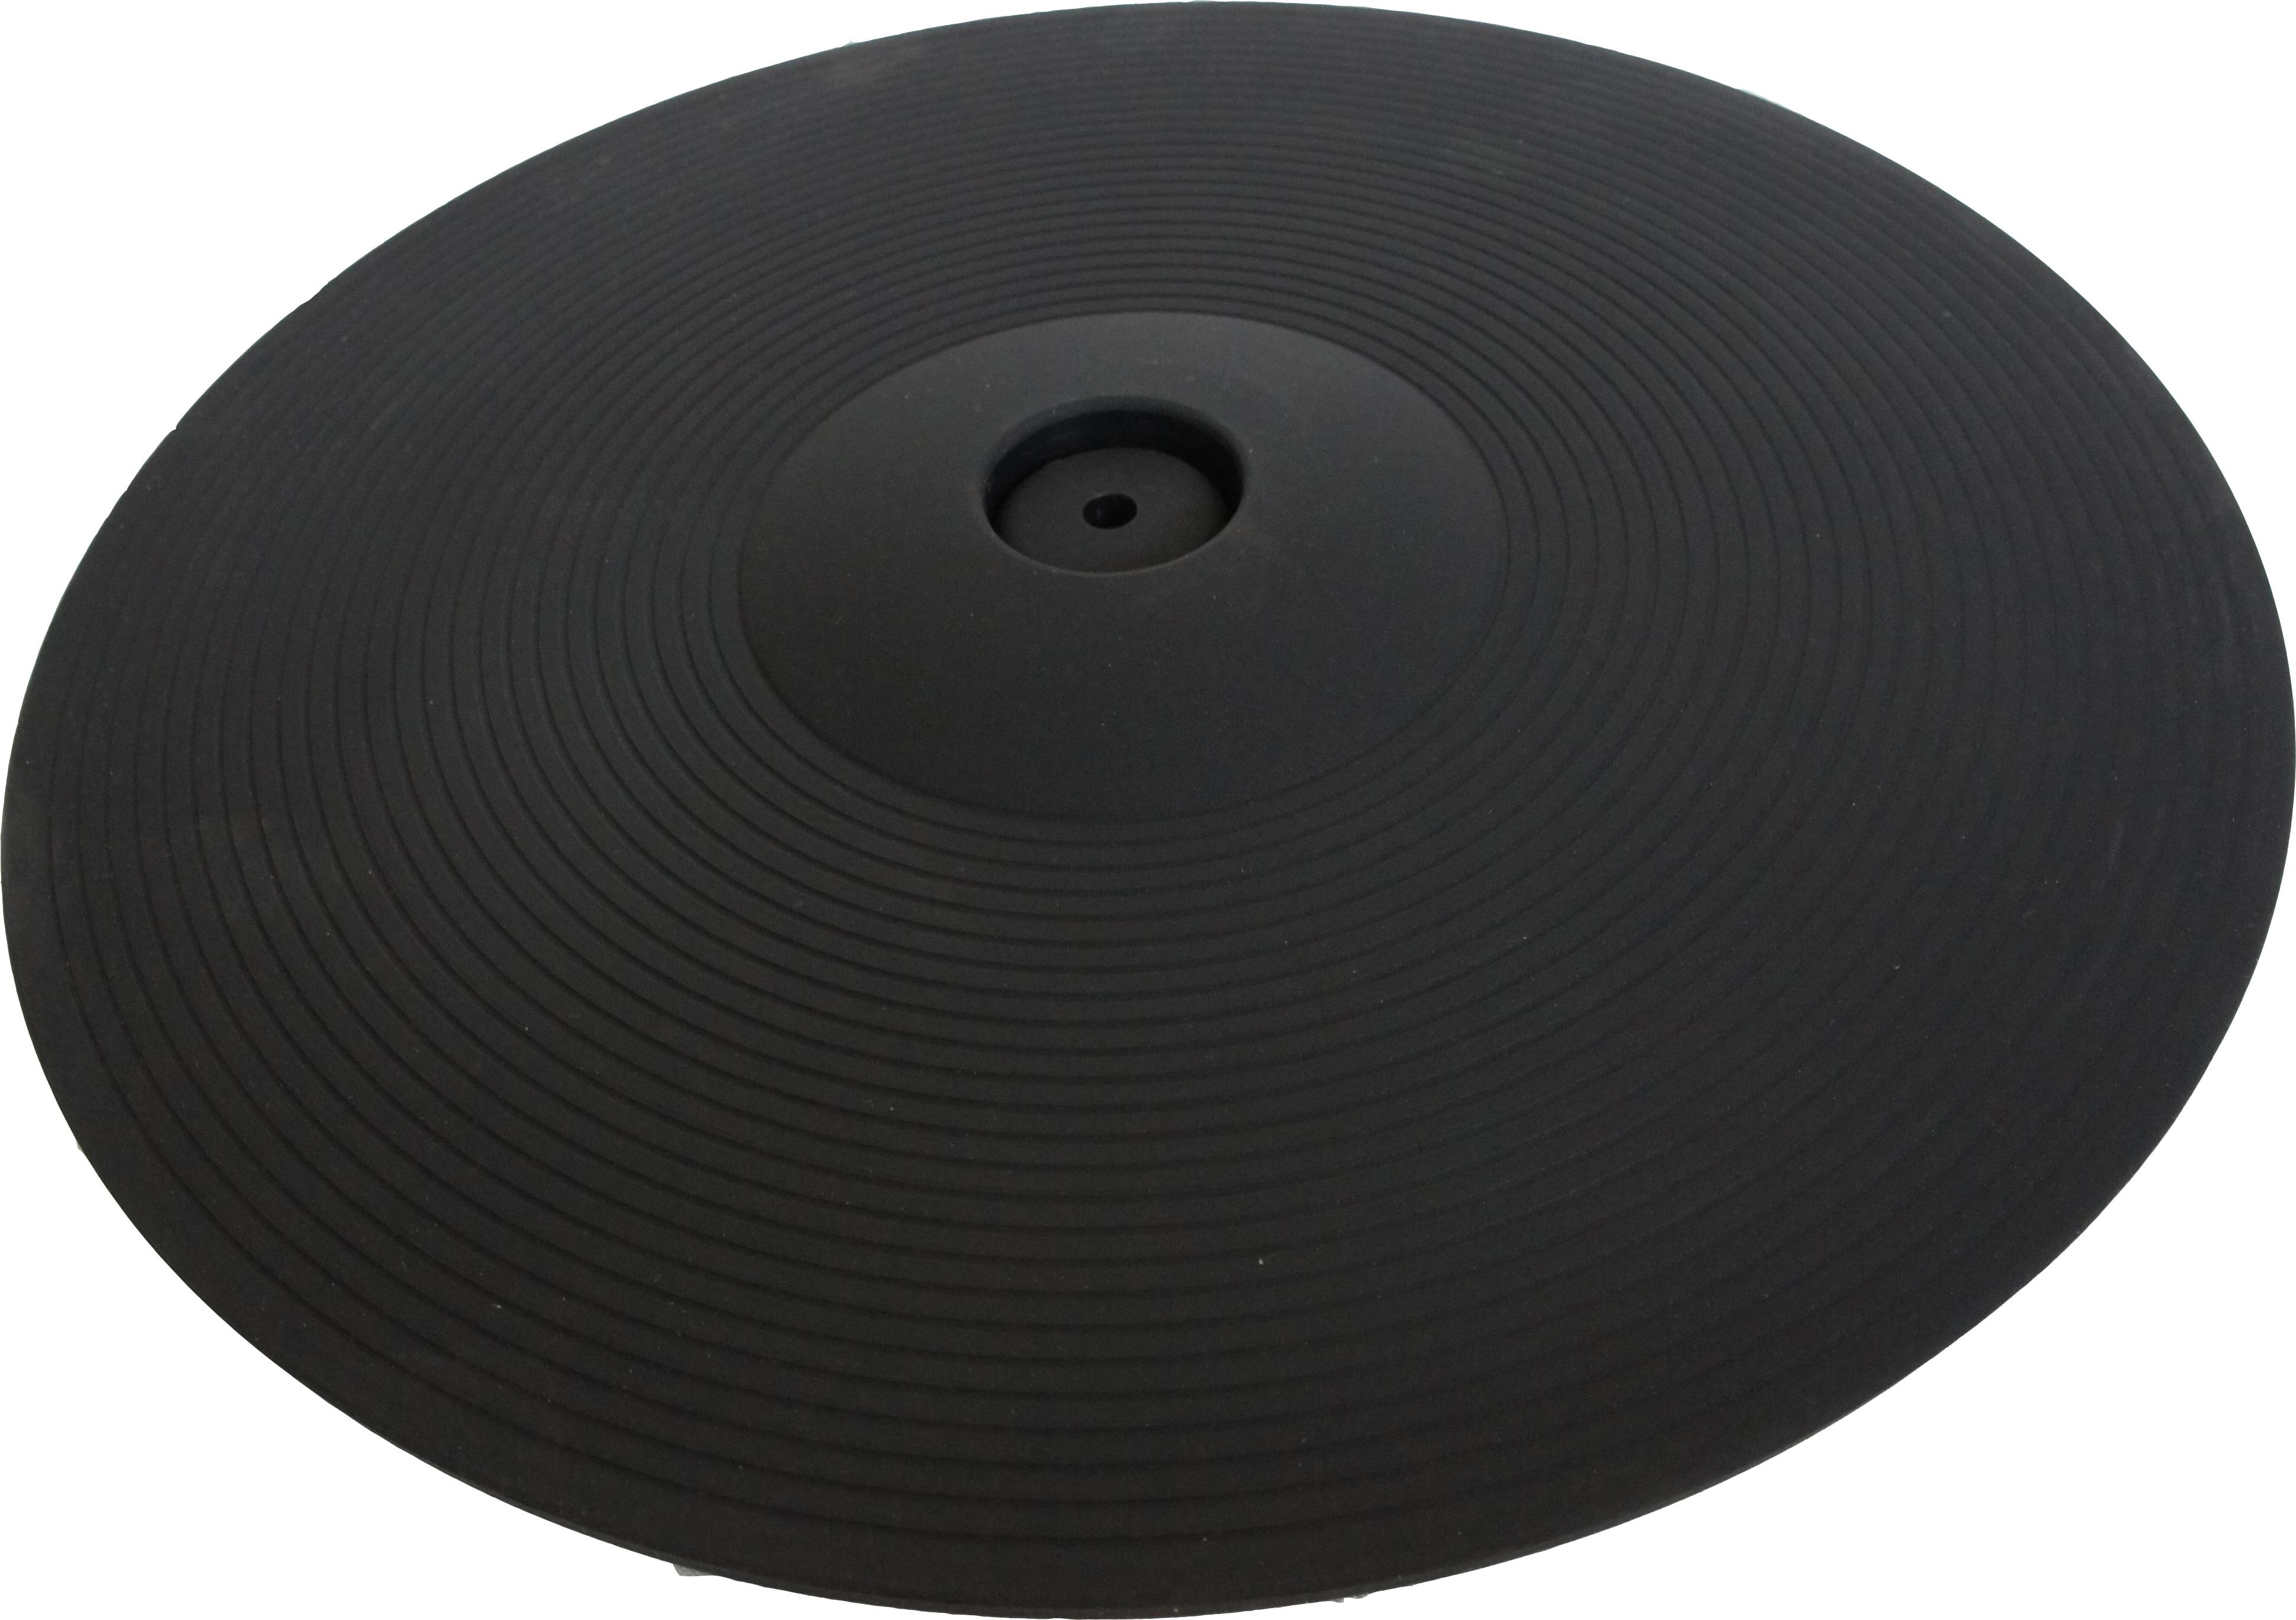 Gunking Edge Sensor CY-13C/R Dual Trigger Cymbal Pad For Roland V-Pad V-Drum